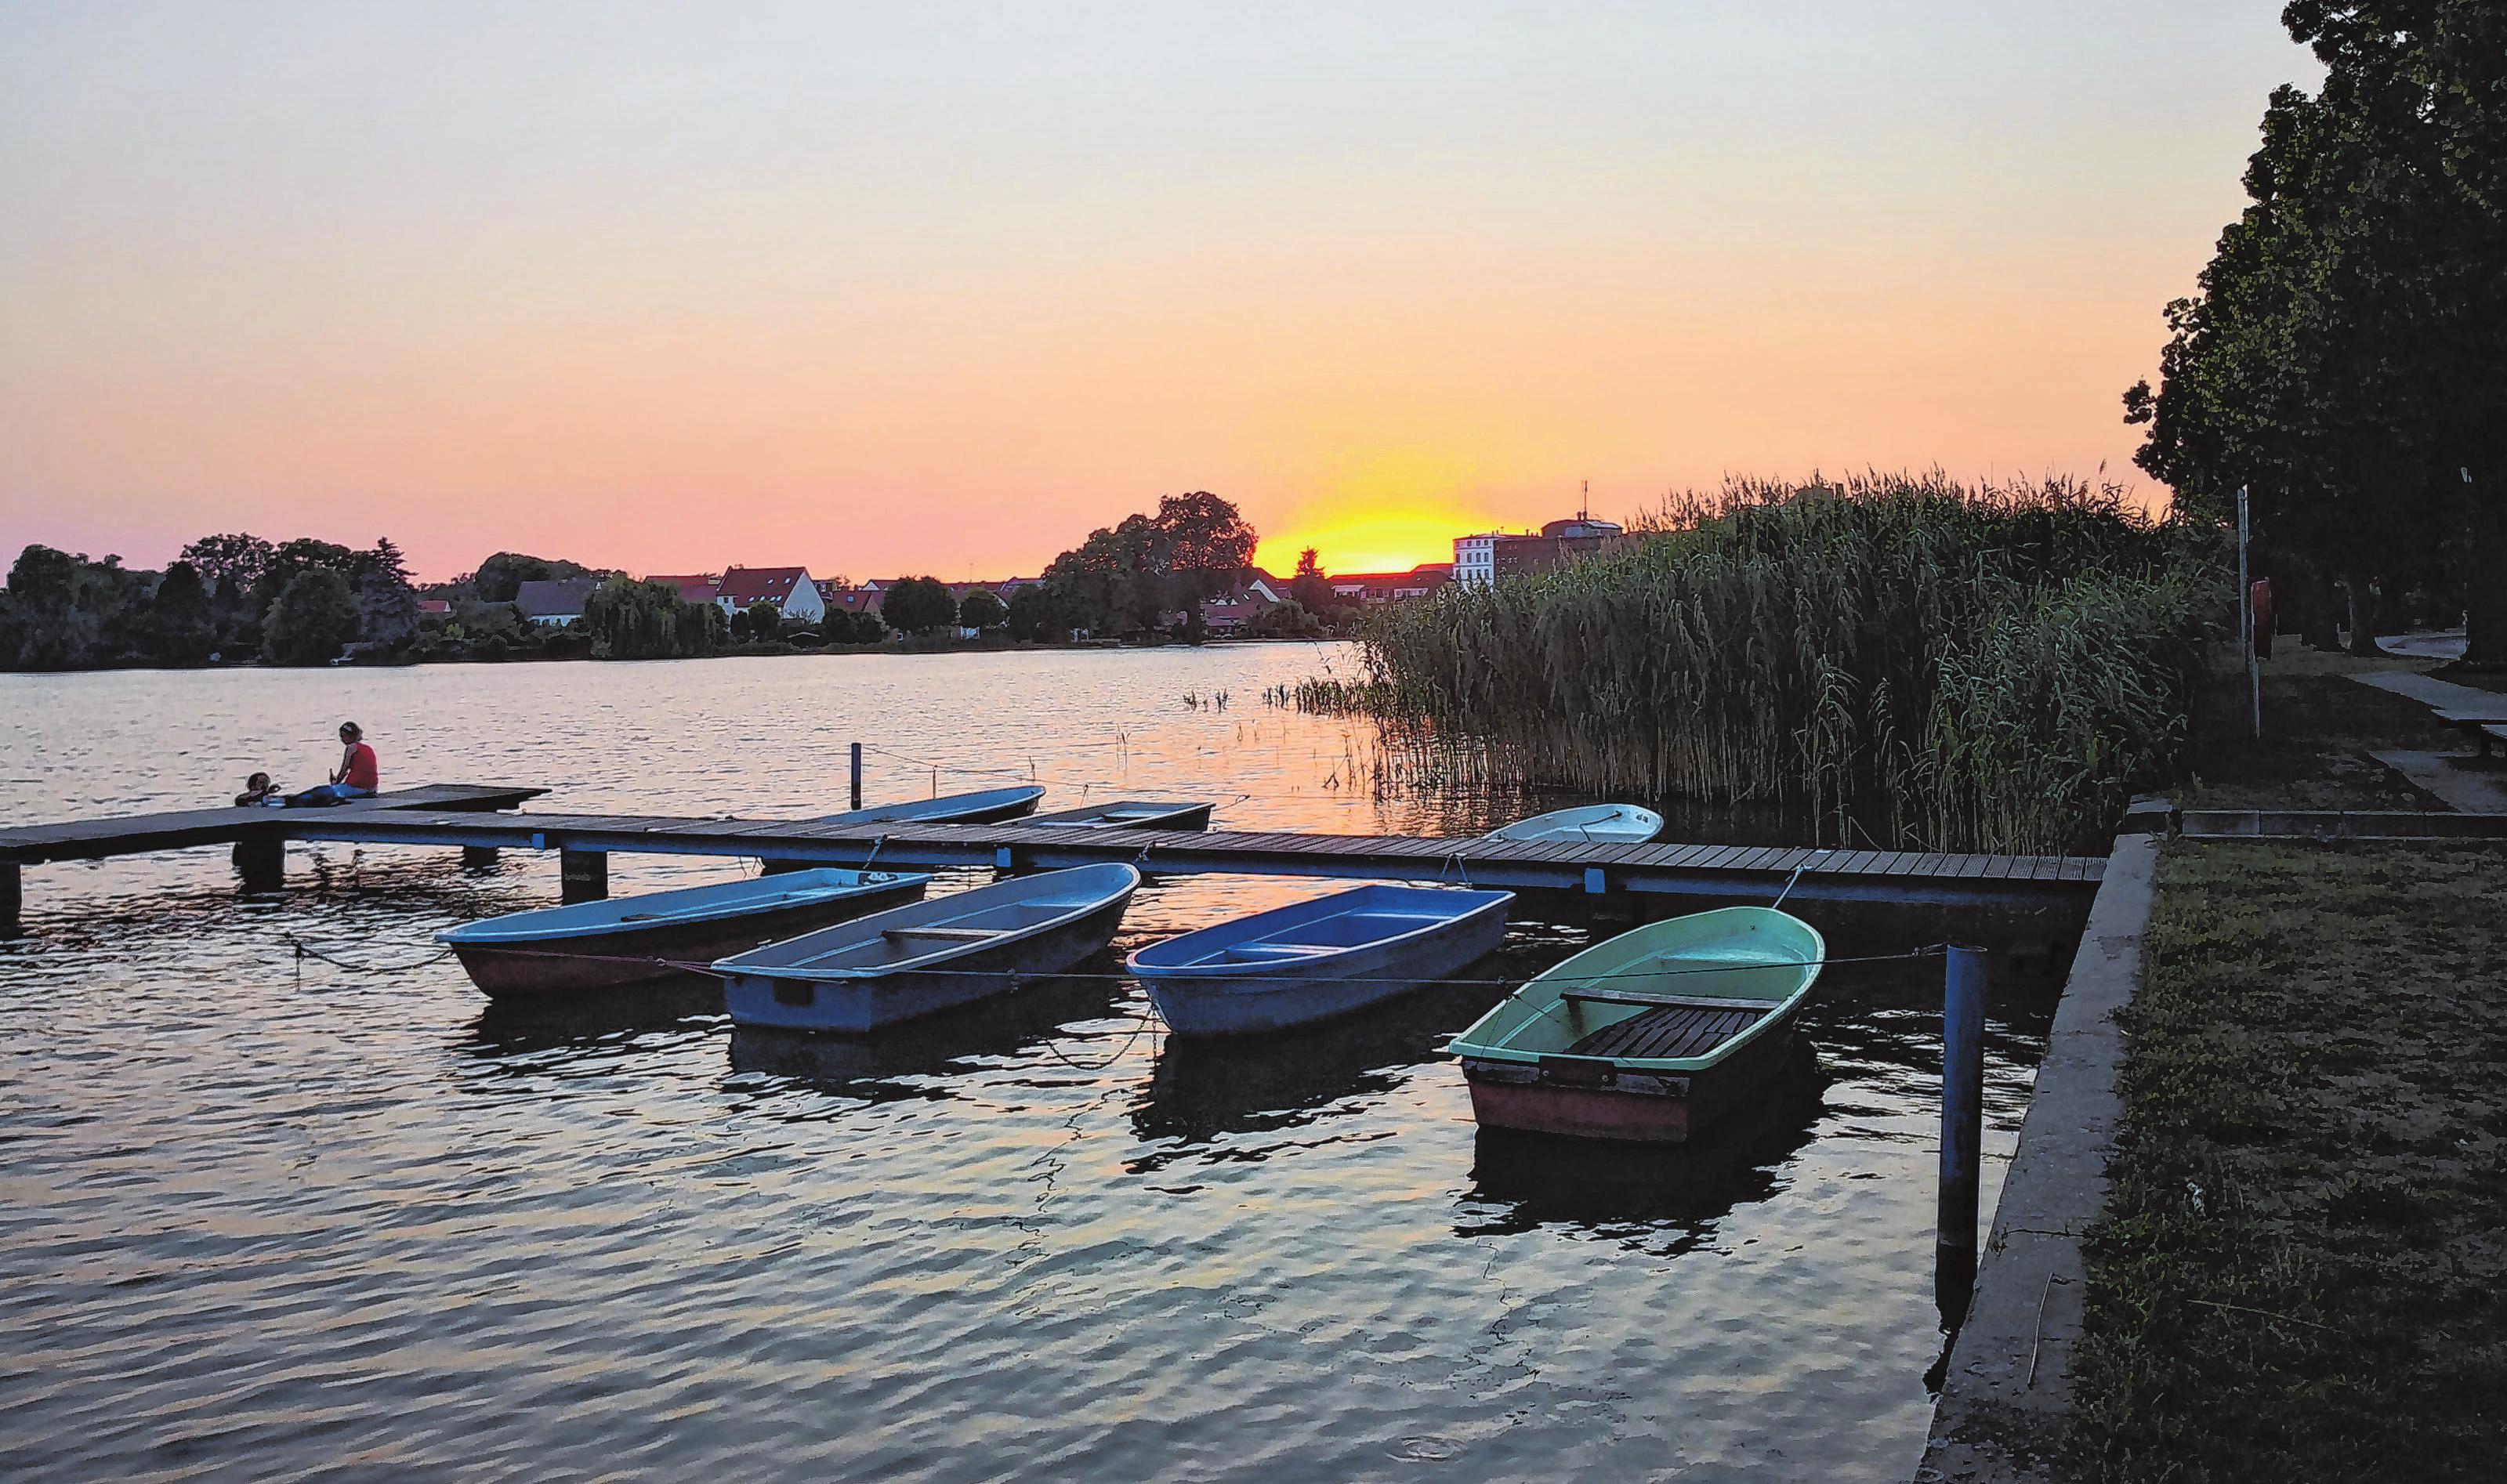 Der Große Müllroser See prägt das Ortsbild. Besonders stimmungsvoll präsentiert er sich in den Abendstunden. Foto: Gunnar Keilig